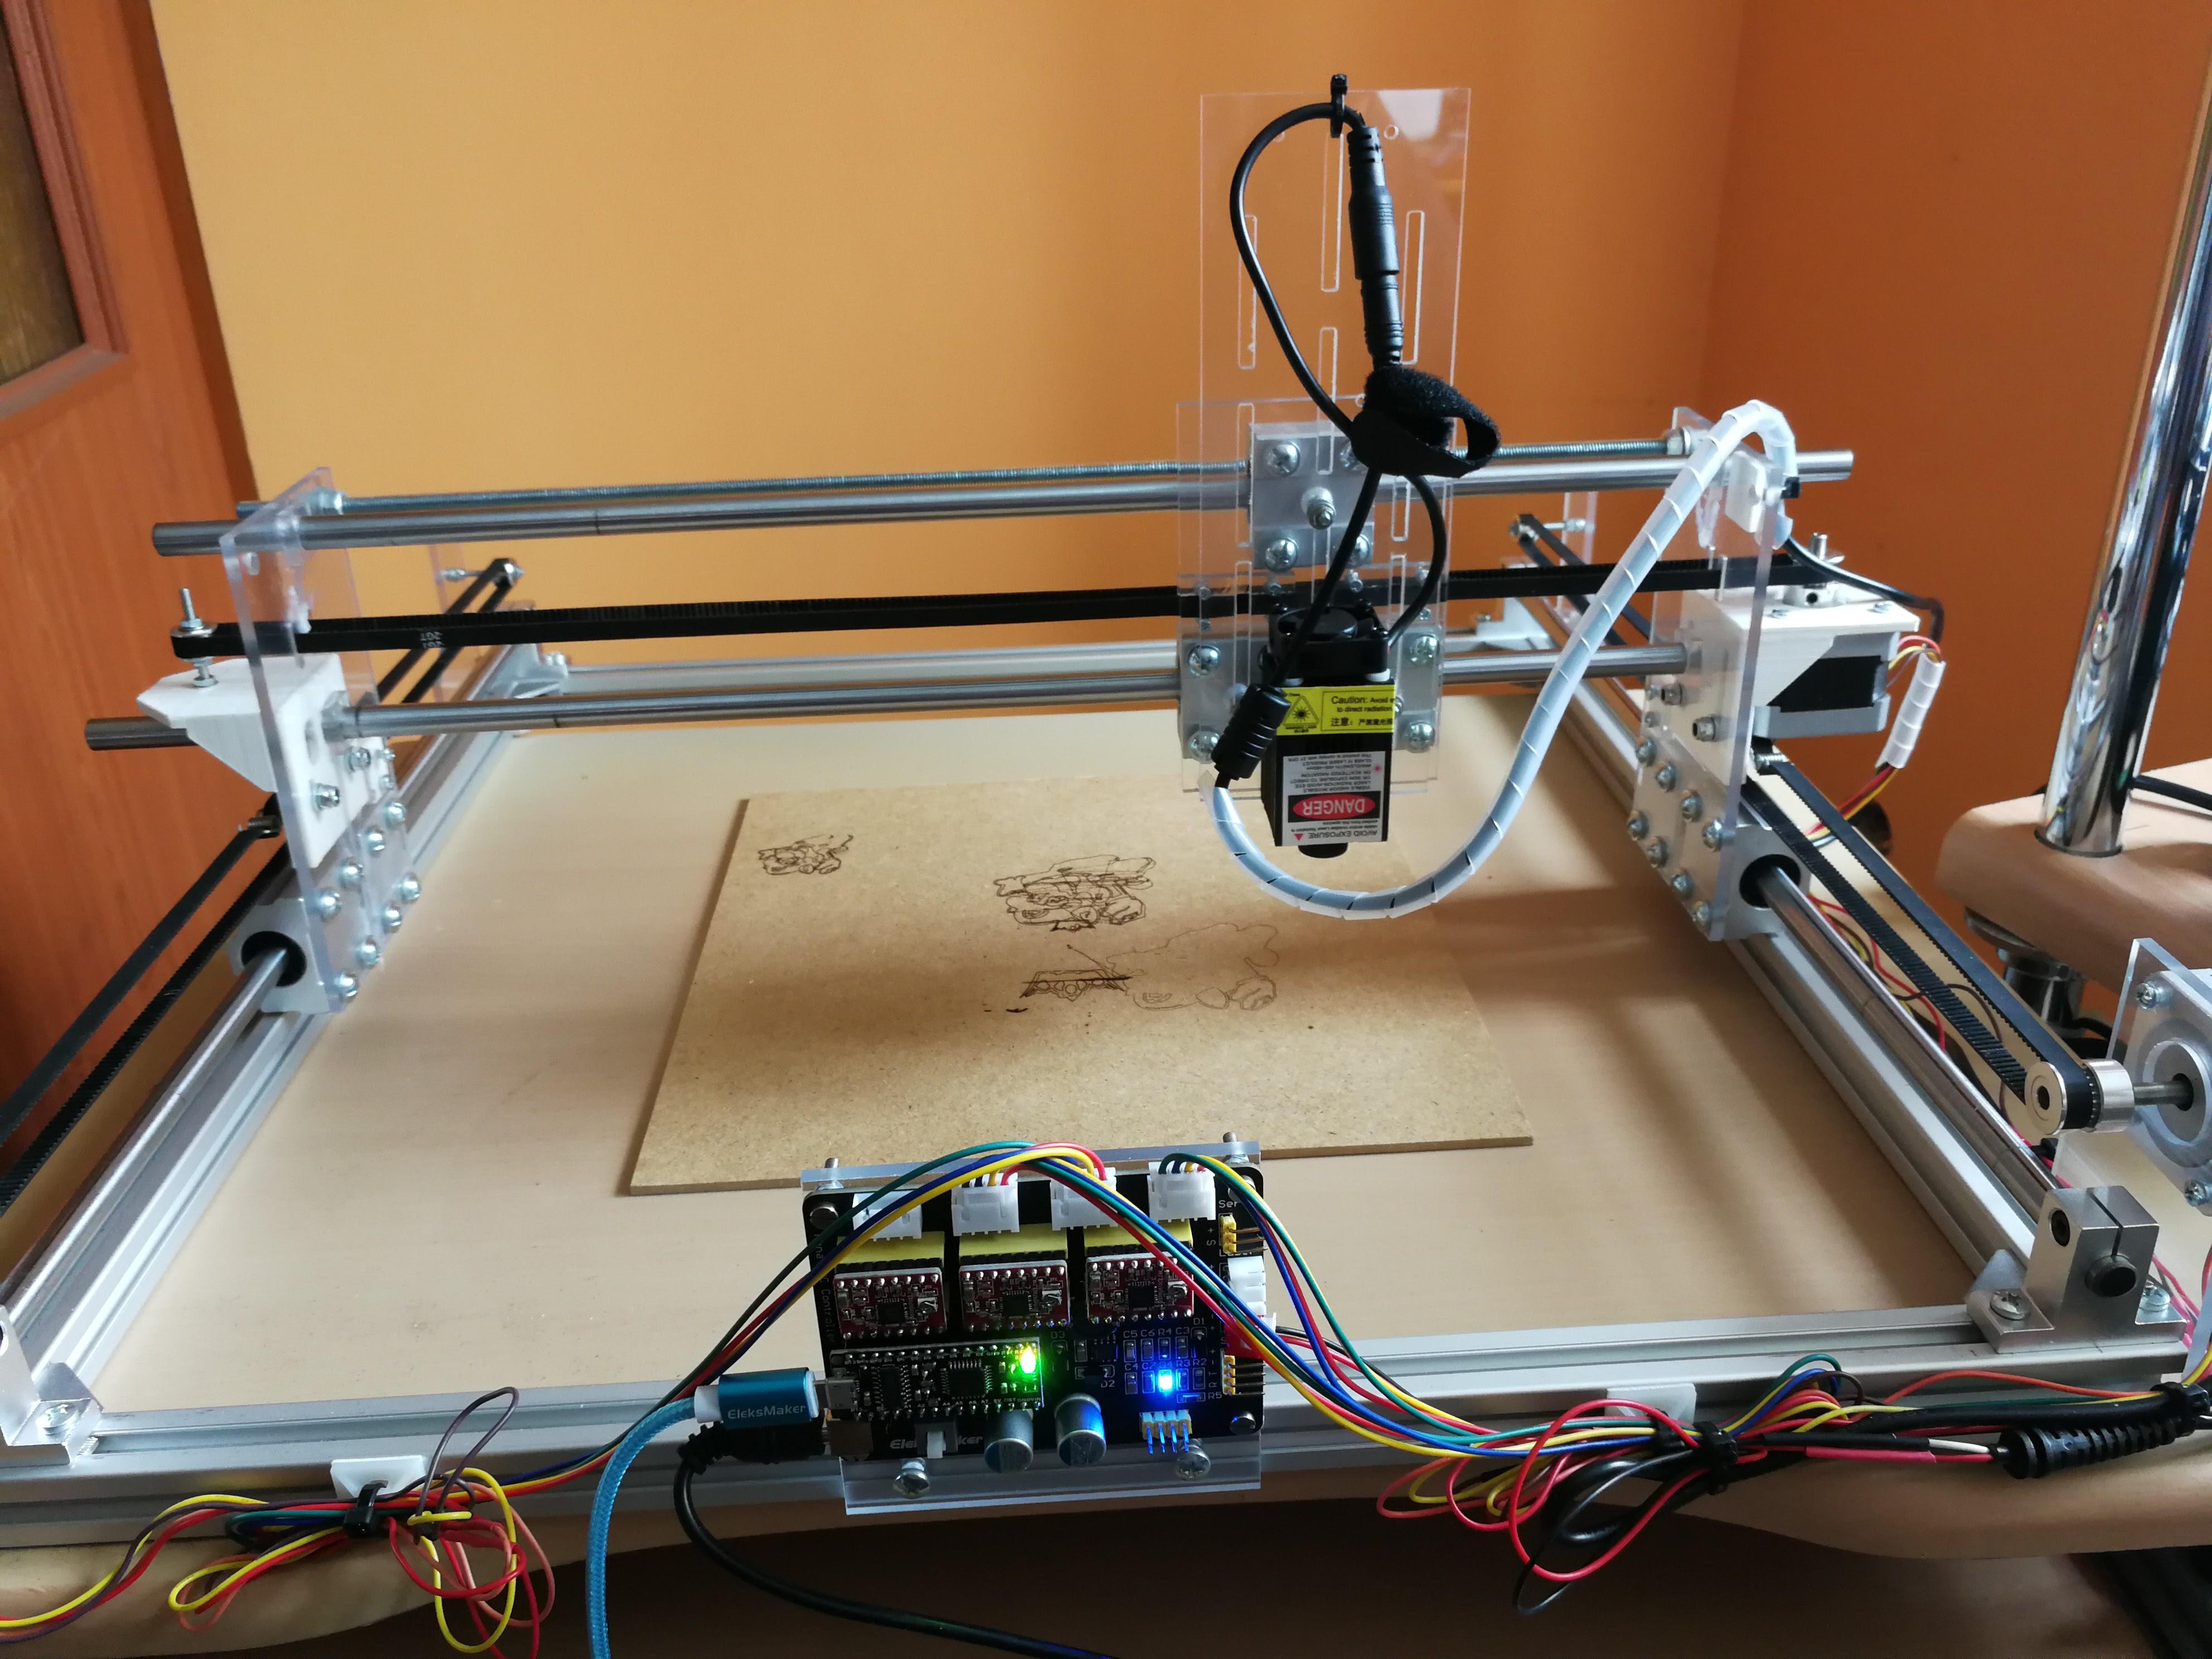 Fantastyczny Prosty ploter laserowy CNC o mocy 2,5W - elektroda.pl TU02